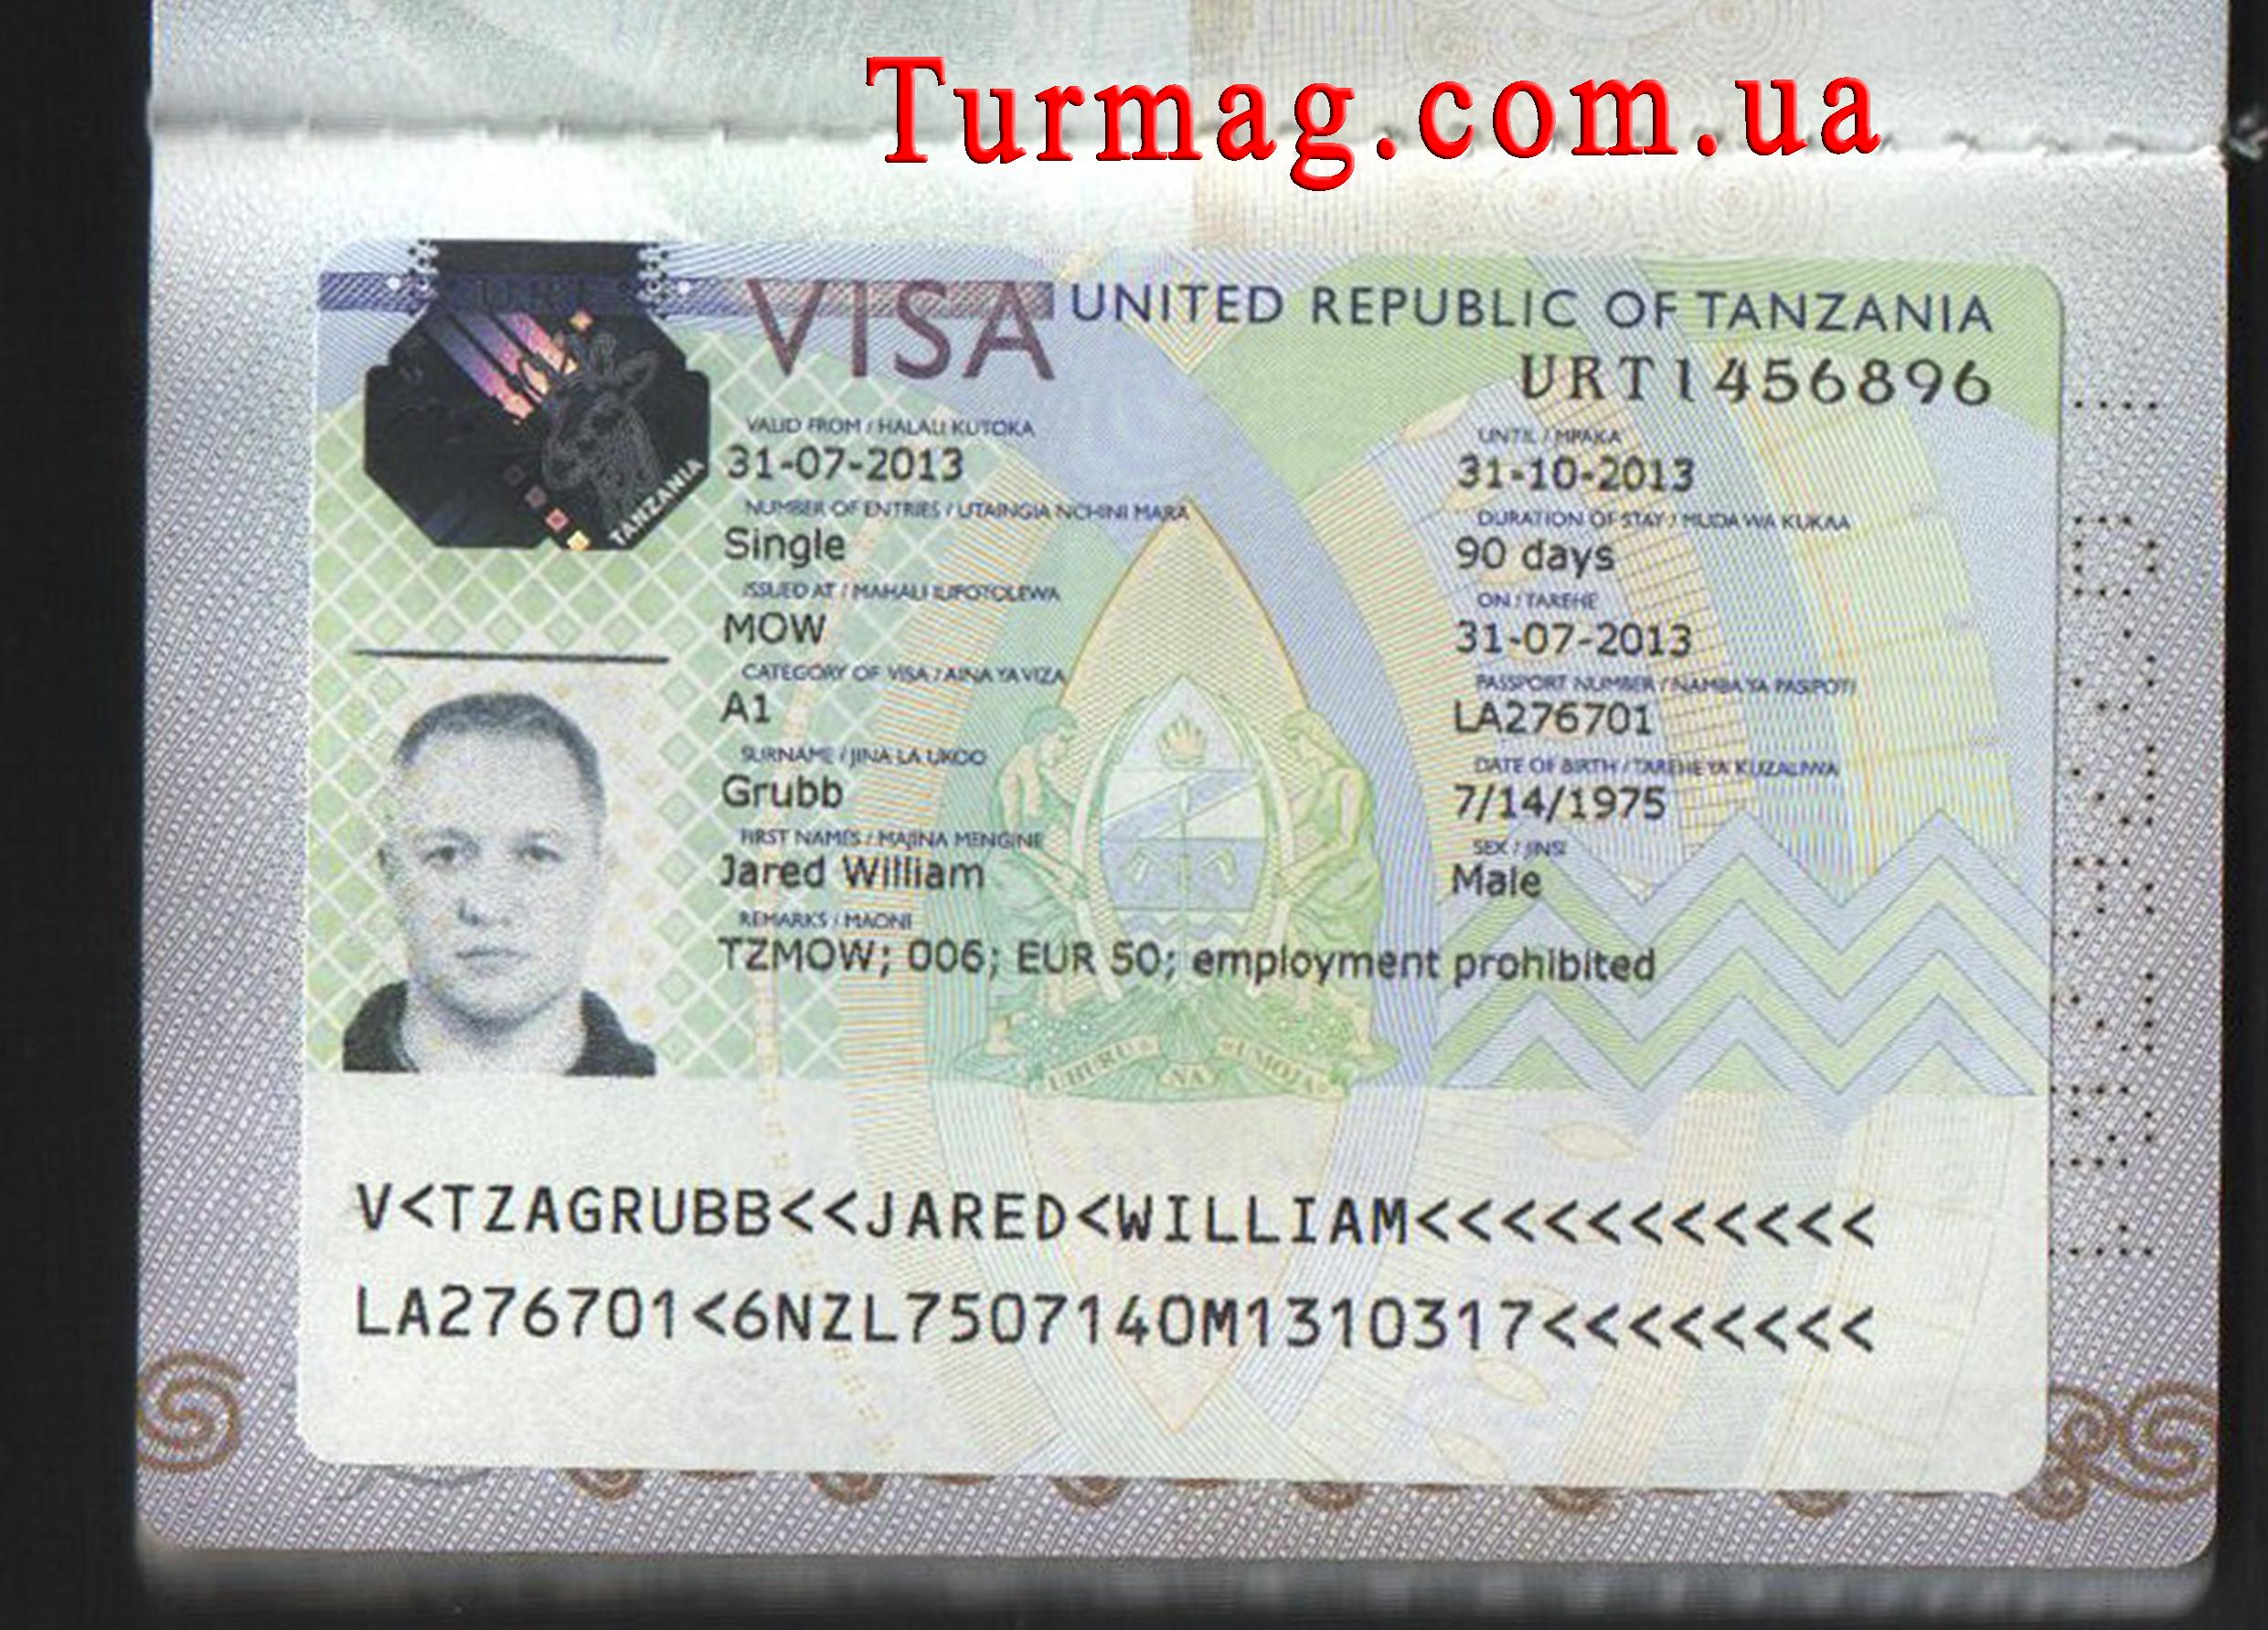 Виза в Танзанию. Получение и оформление танзанийской визы.